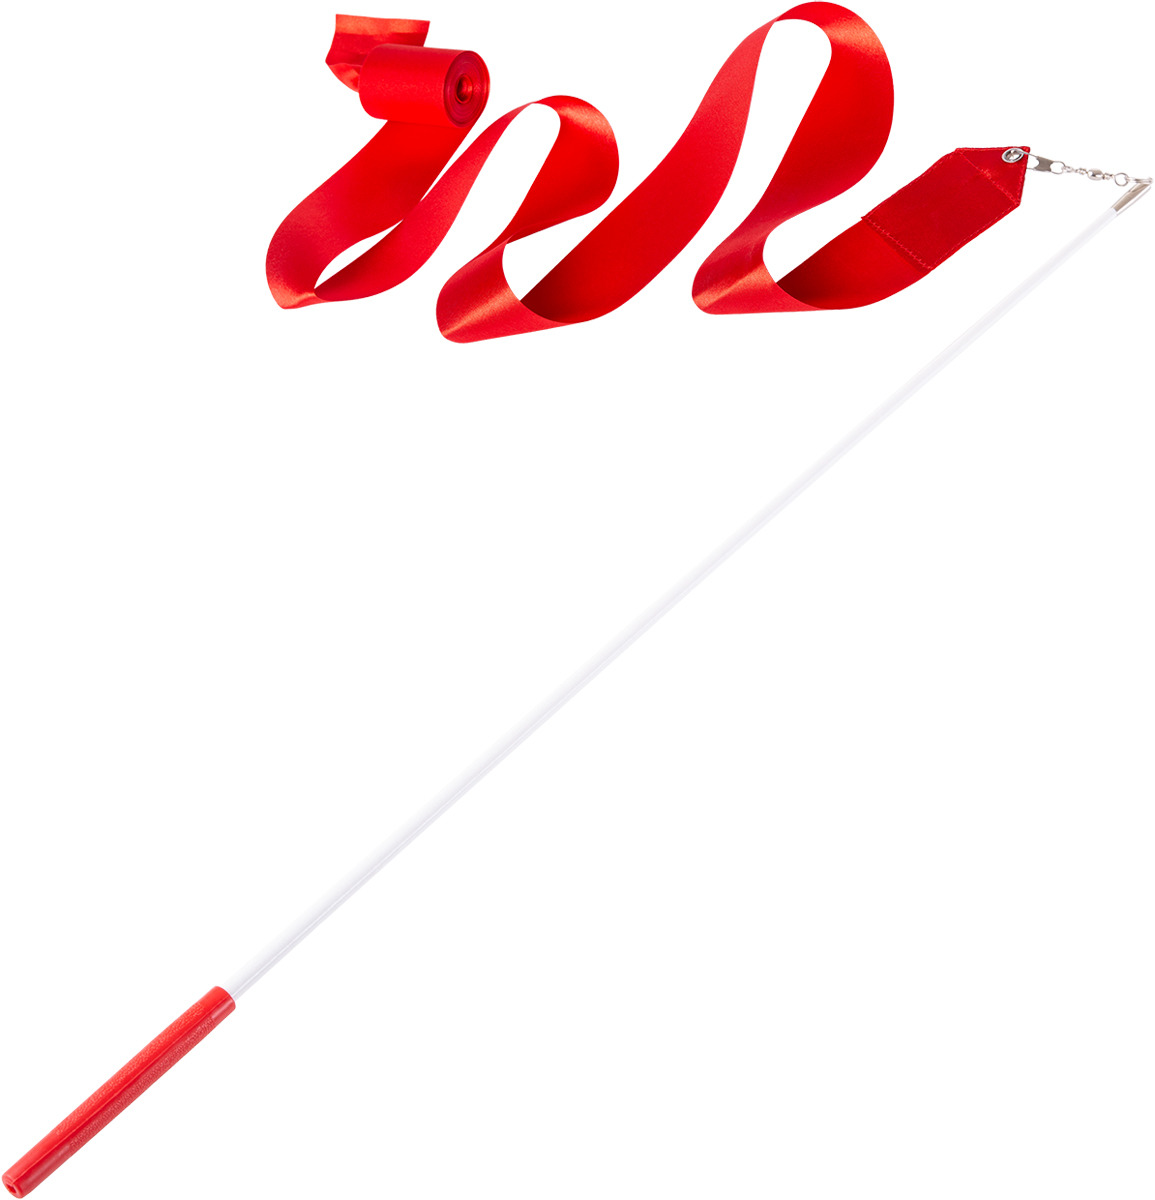 Лента для художественной гимнастики Amely AGR-201, длина 6 м, с палочкой 56 см, цвет: красный лента arlight 015702